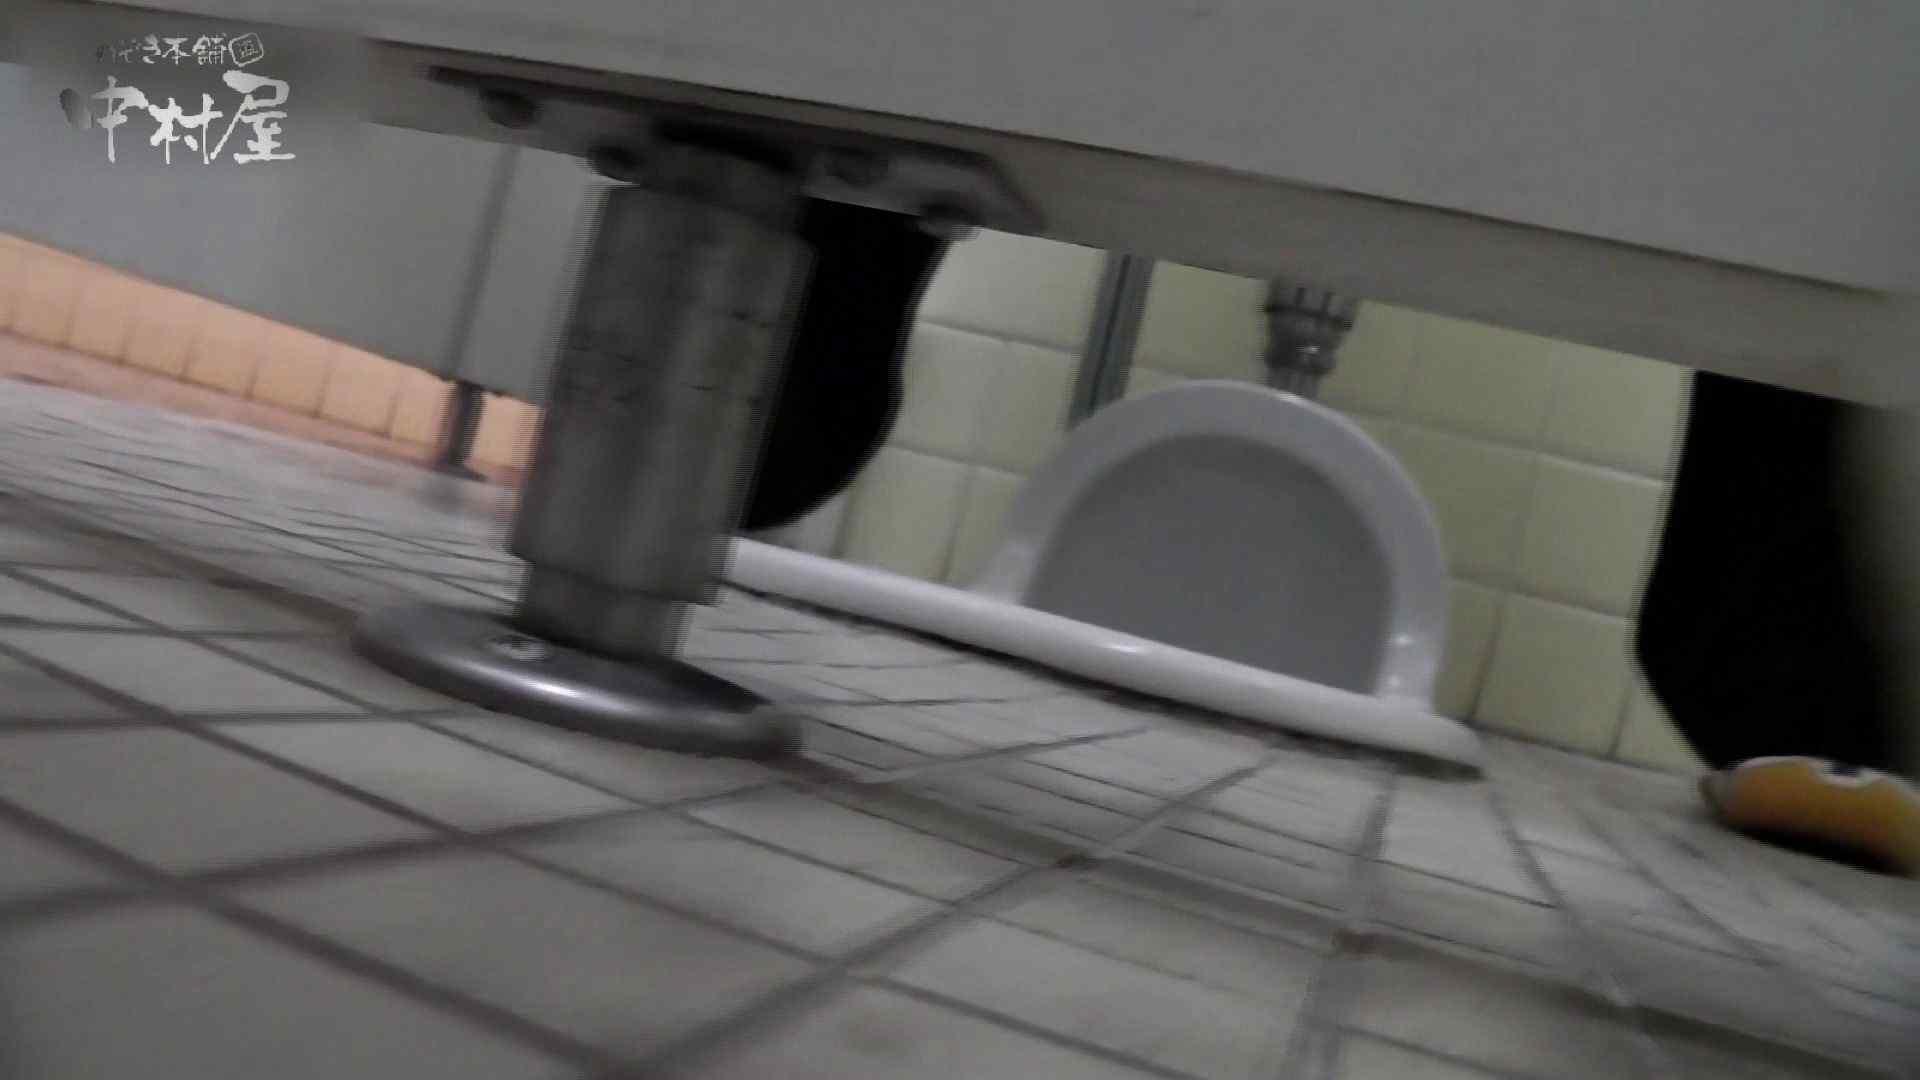 ▲期間限定D▲第三体育館潜入撮File035 アングル調整、場所変更!違った味の物が誕生 前編 盗撮 セックス画像 97画像 72